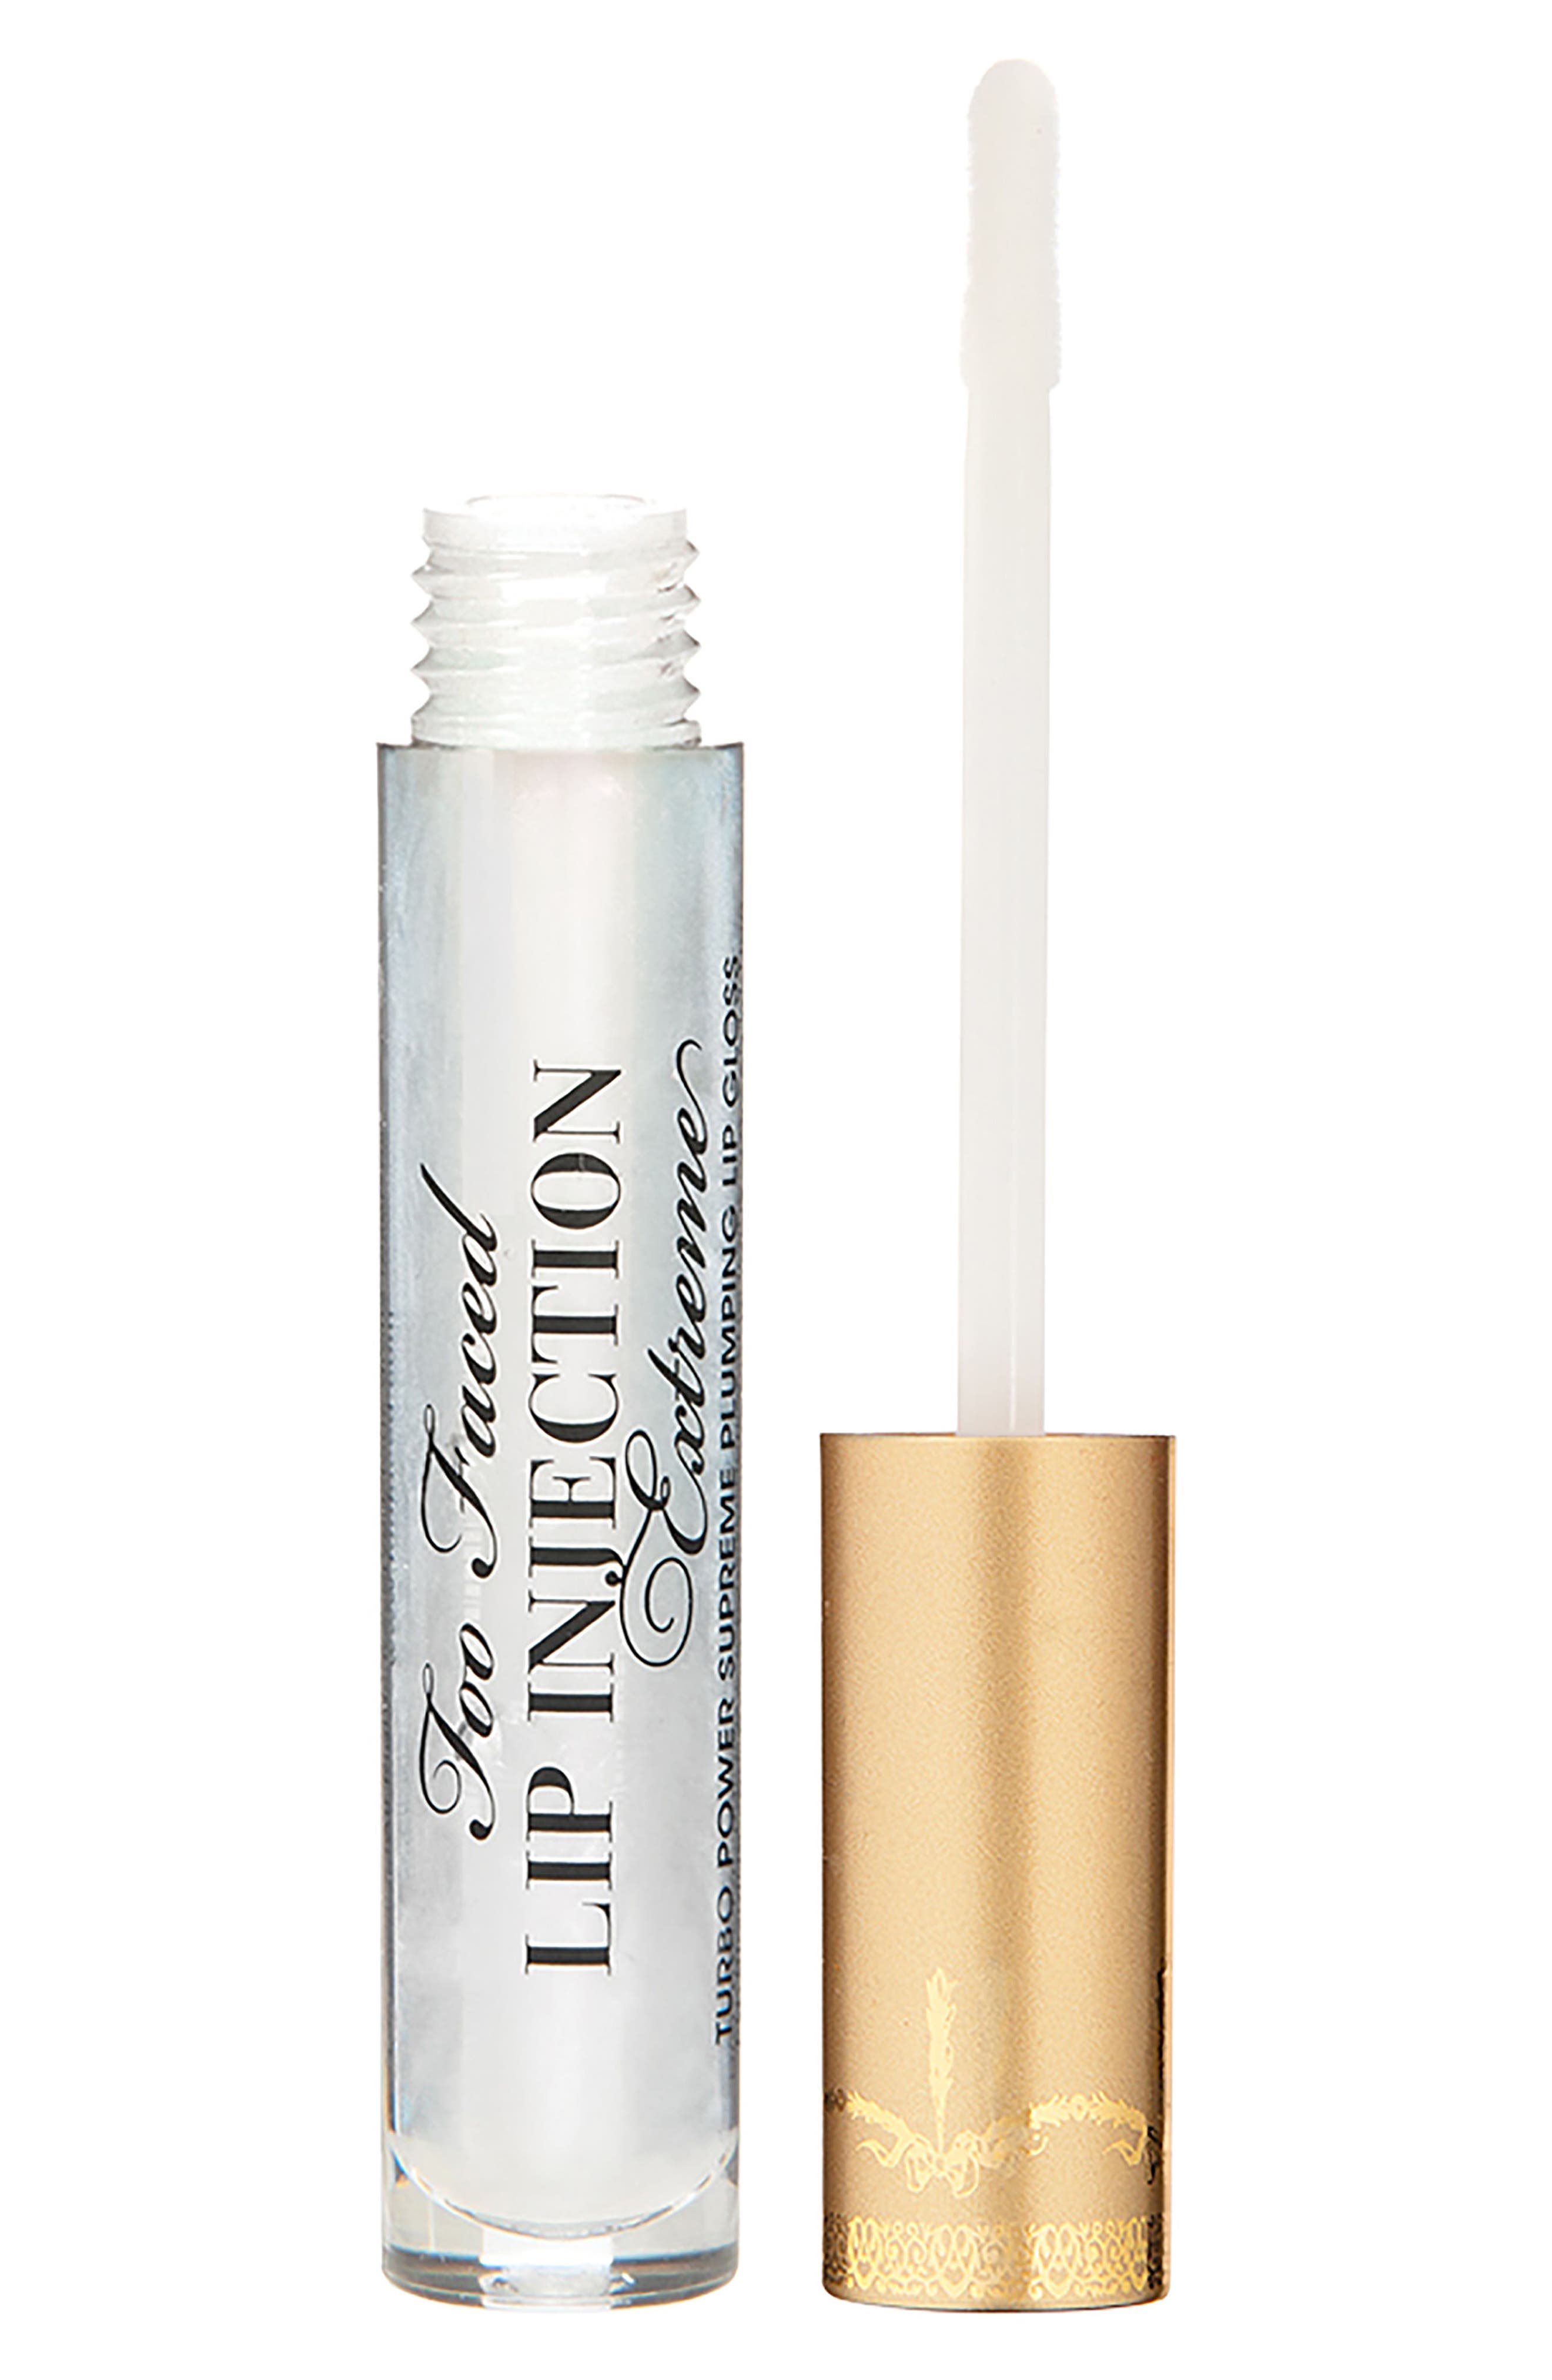 Lip Injection Extreme Lip Gloss,                             Main thumbnail 1, color,                             No Color